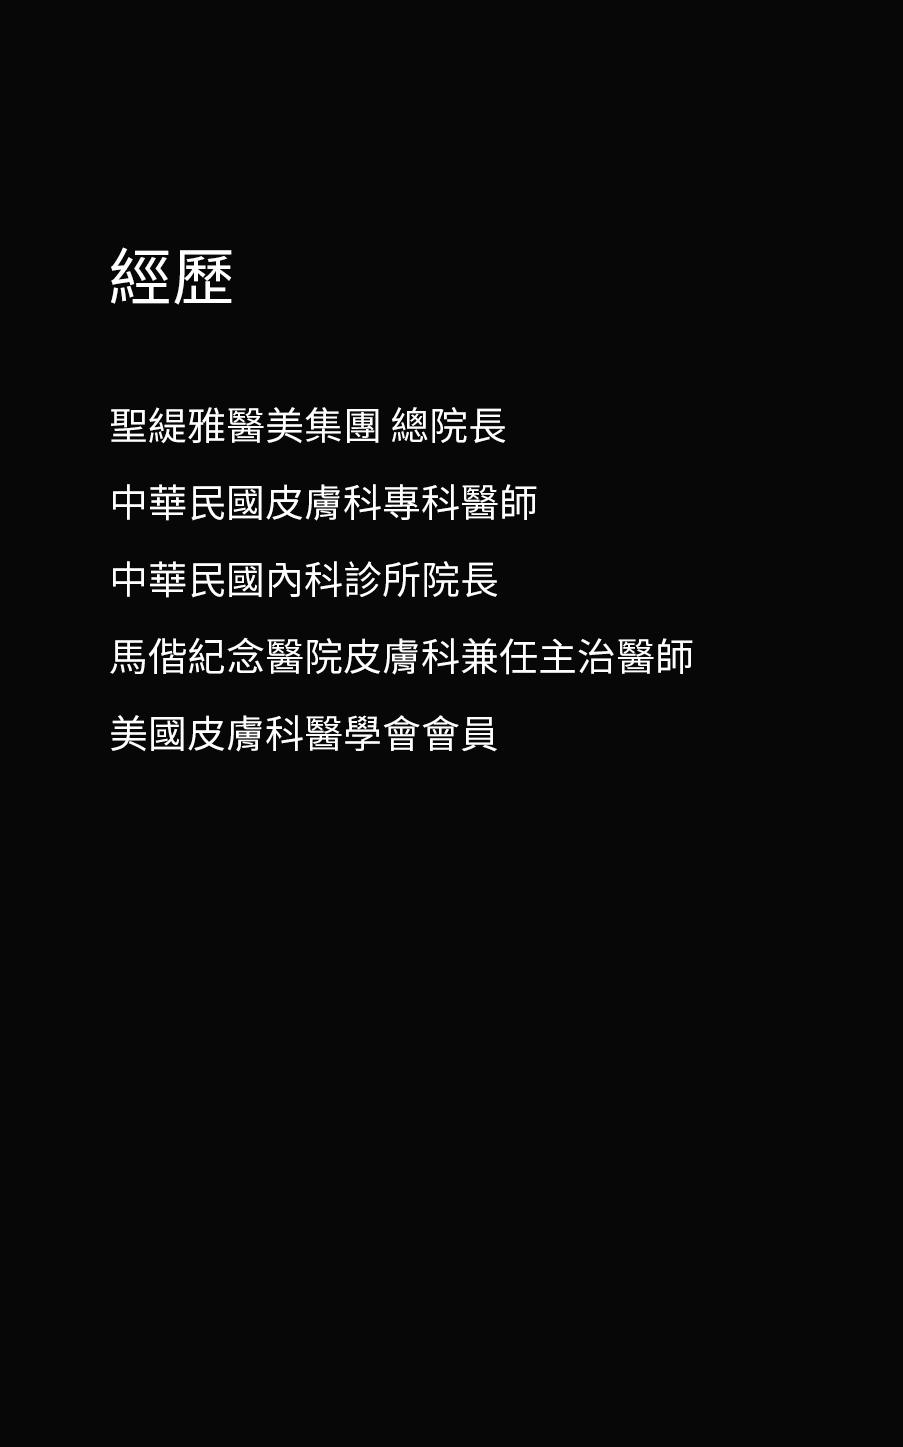 蕭晨隆-01